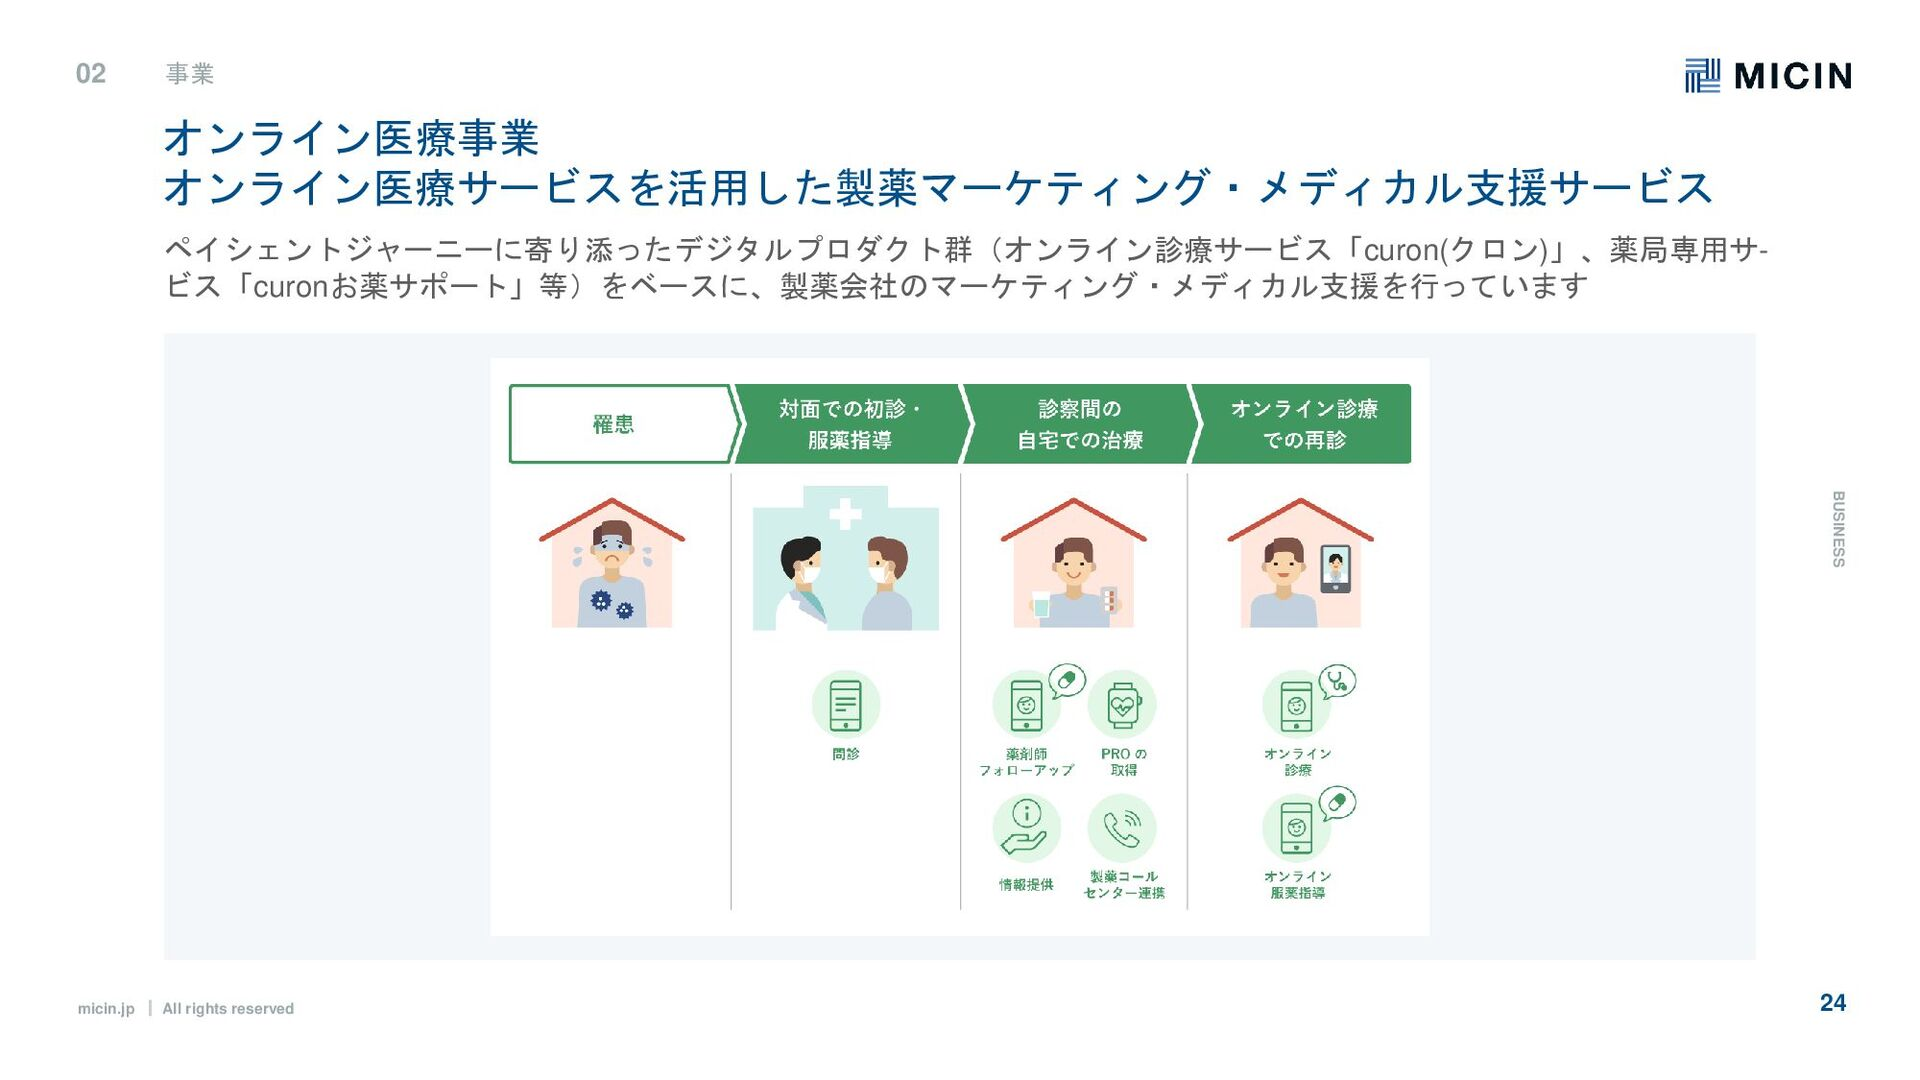 micin.jp ʛ All rights reserved 24 02 事業 B U S I...